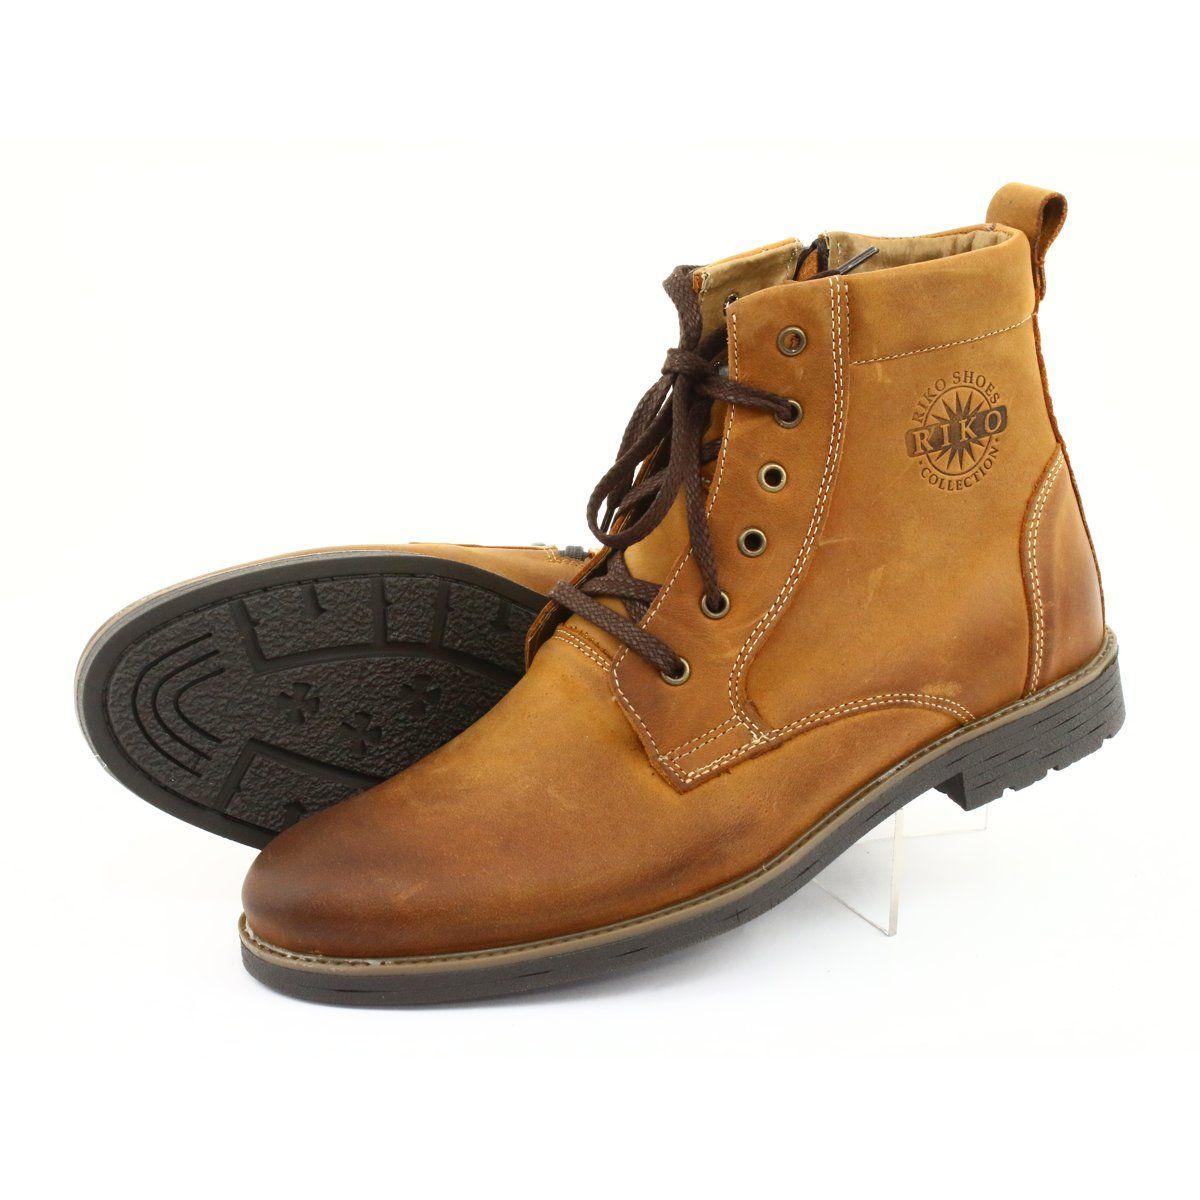 Wysokie Botki Trzewiki Na Suwak Riko 884 Crazy Sunny Brazowe Zolte Chelsea Boots Men Boots Nubuck Leather